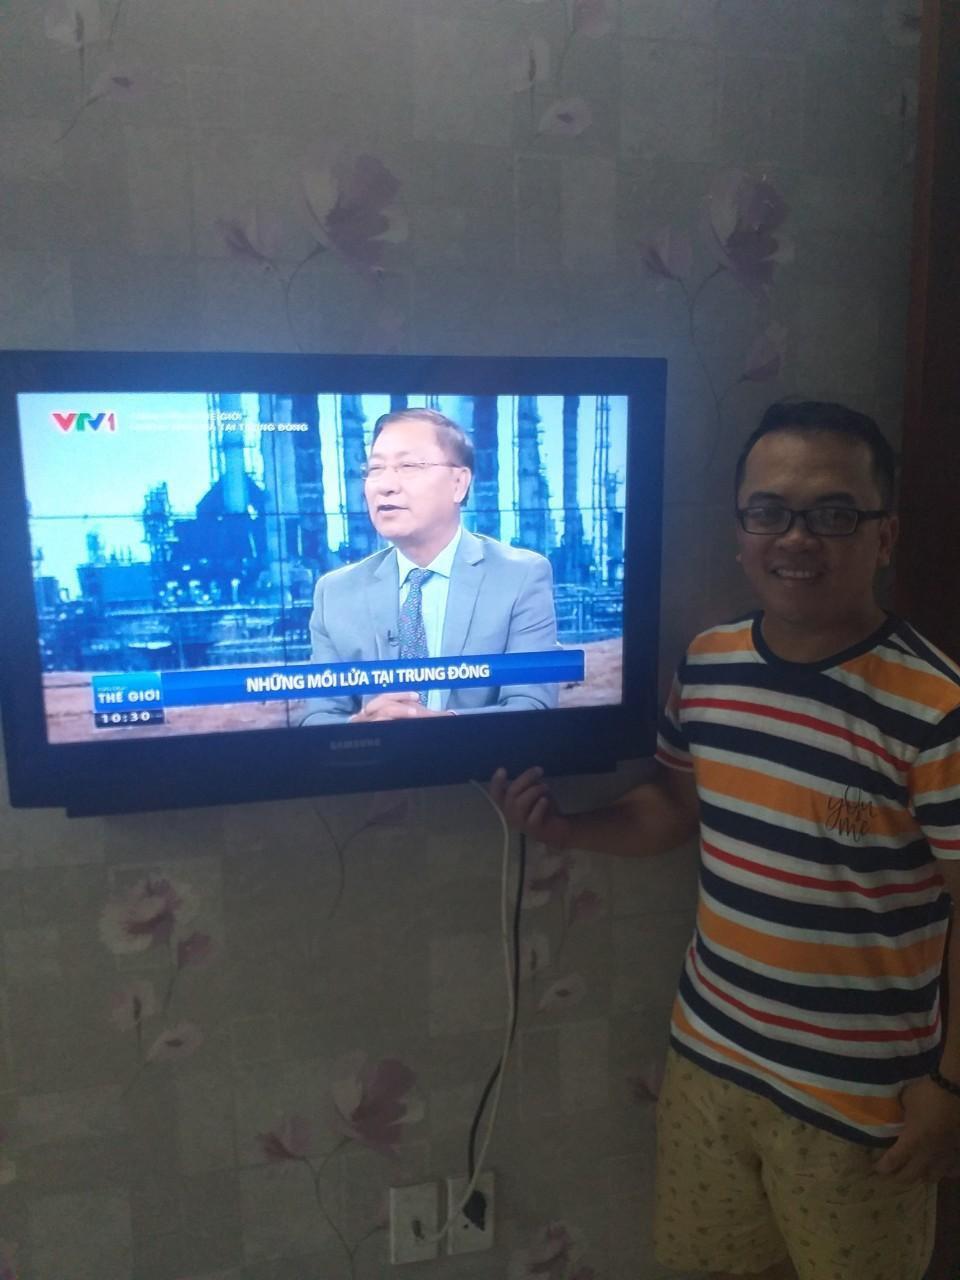 Samsung và những câu chuyện về chiếc TV gắn bó với các gia đình Việt cả chục năm qua - Ảnh 2.